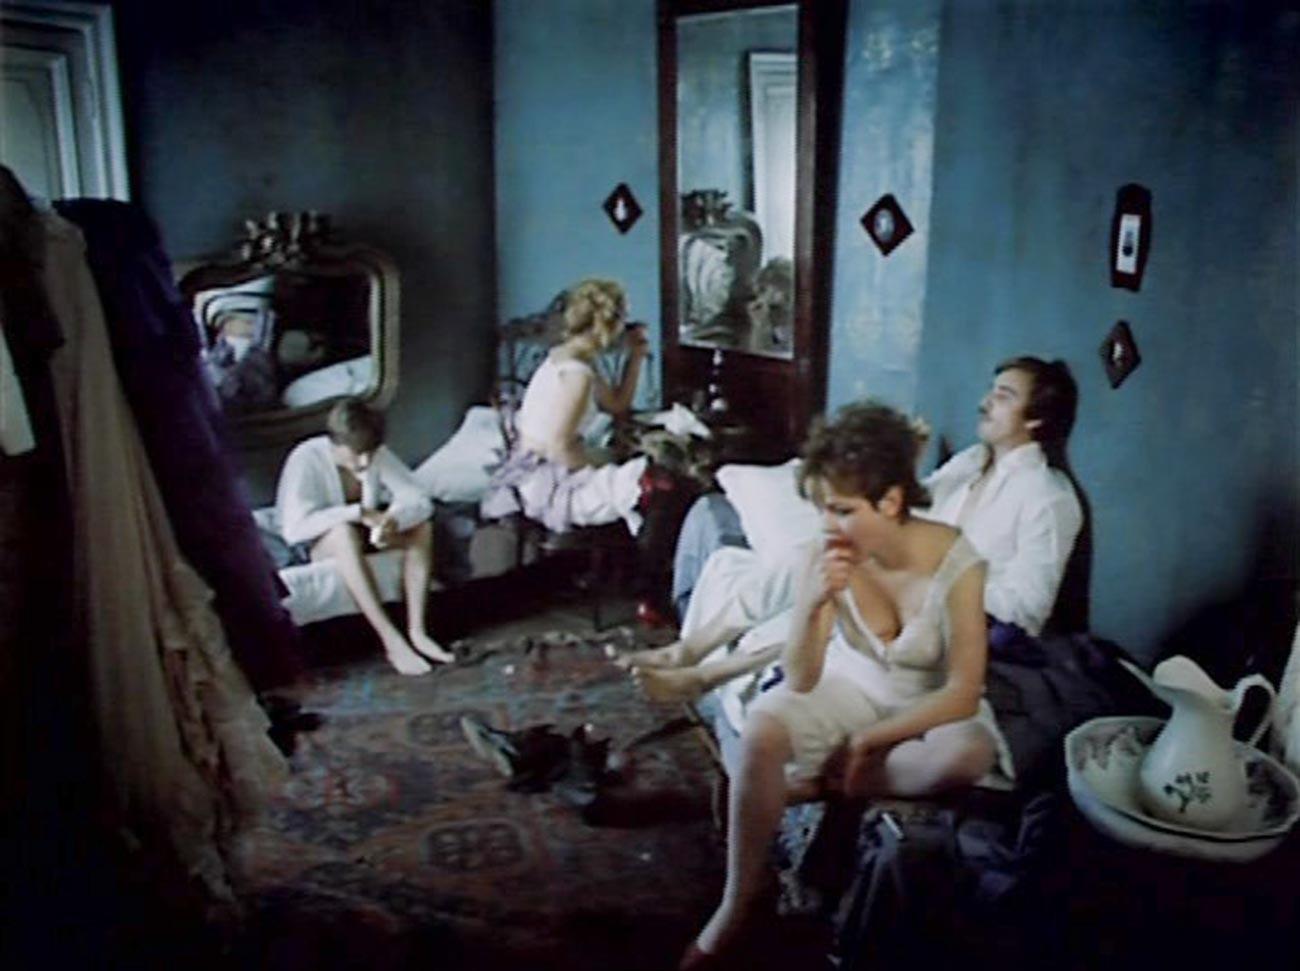 A still from 'The Kreutzer Sonata' movie